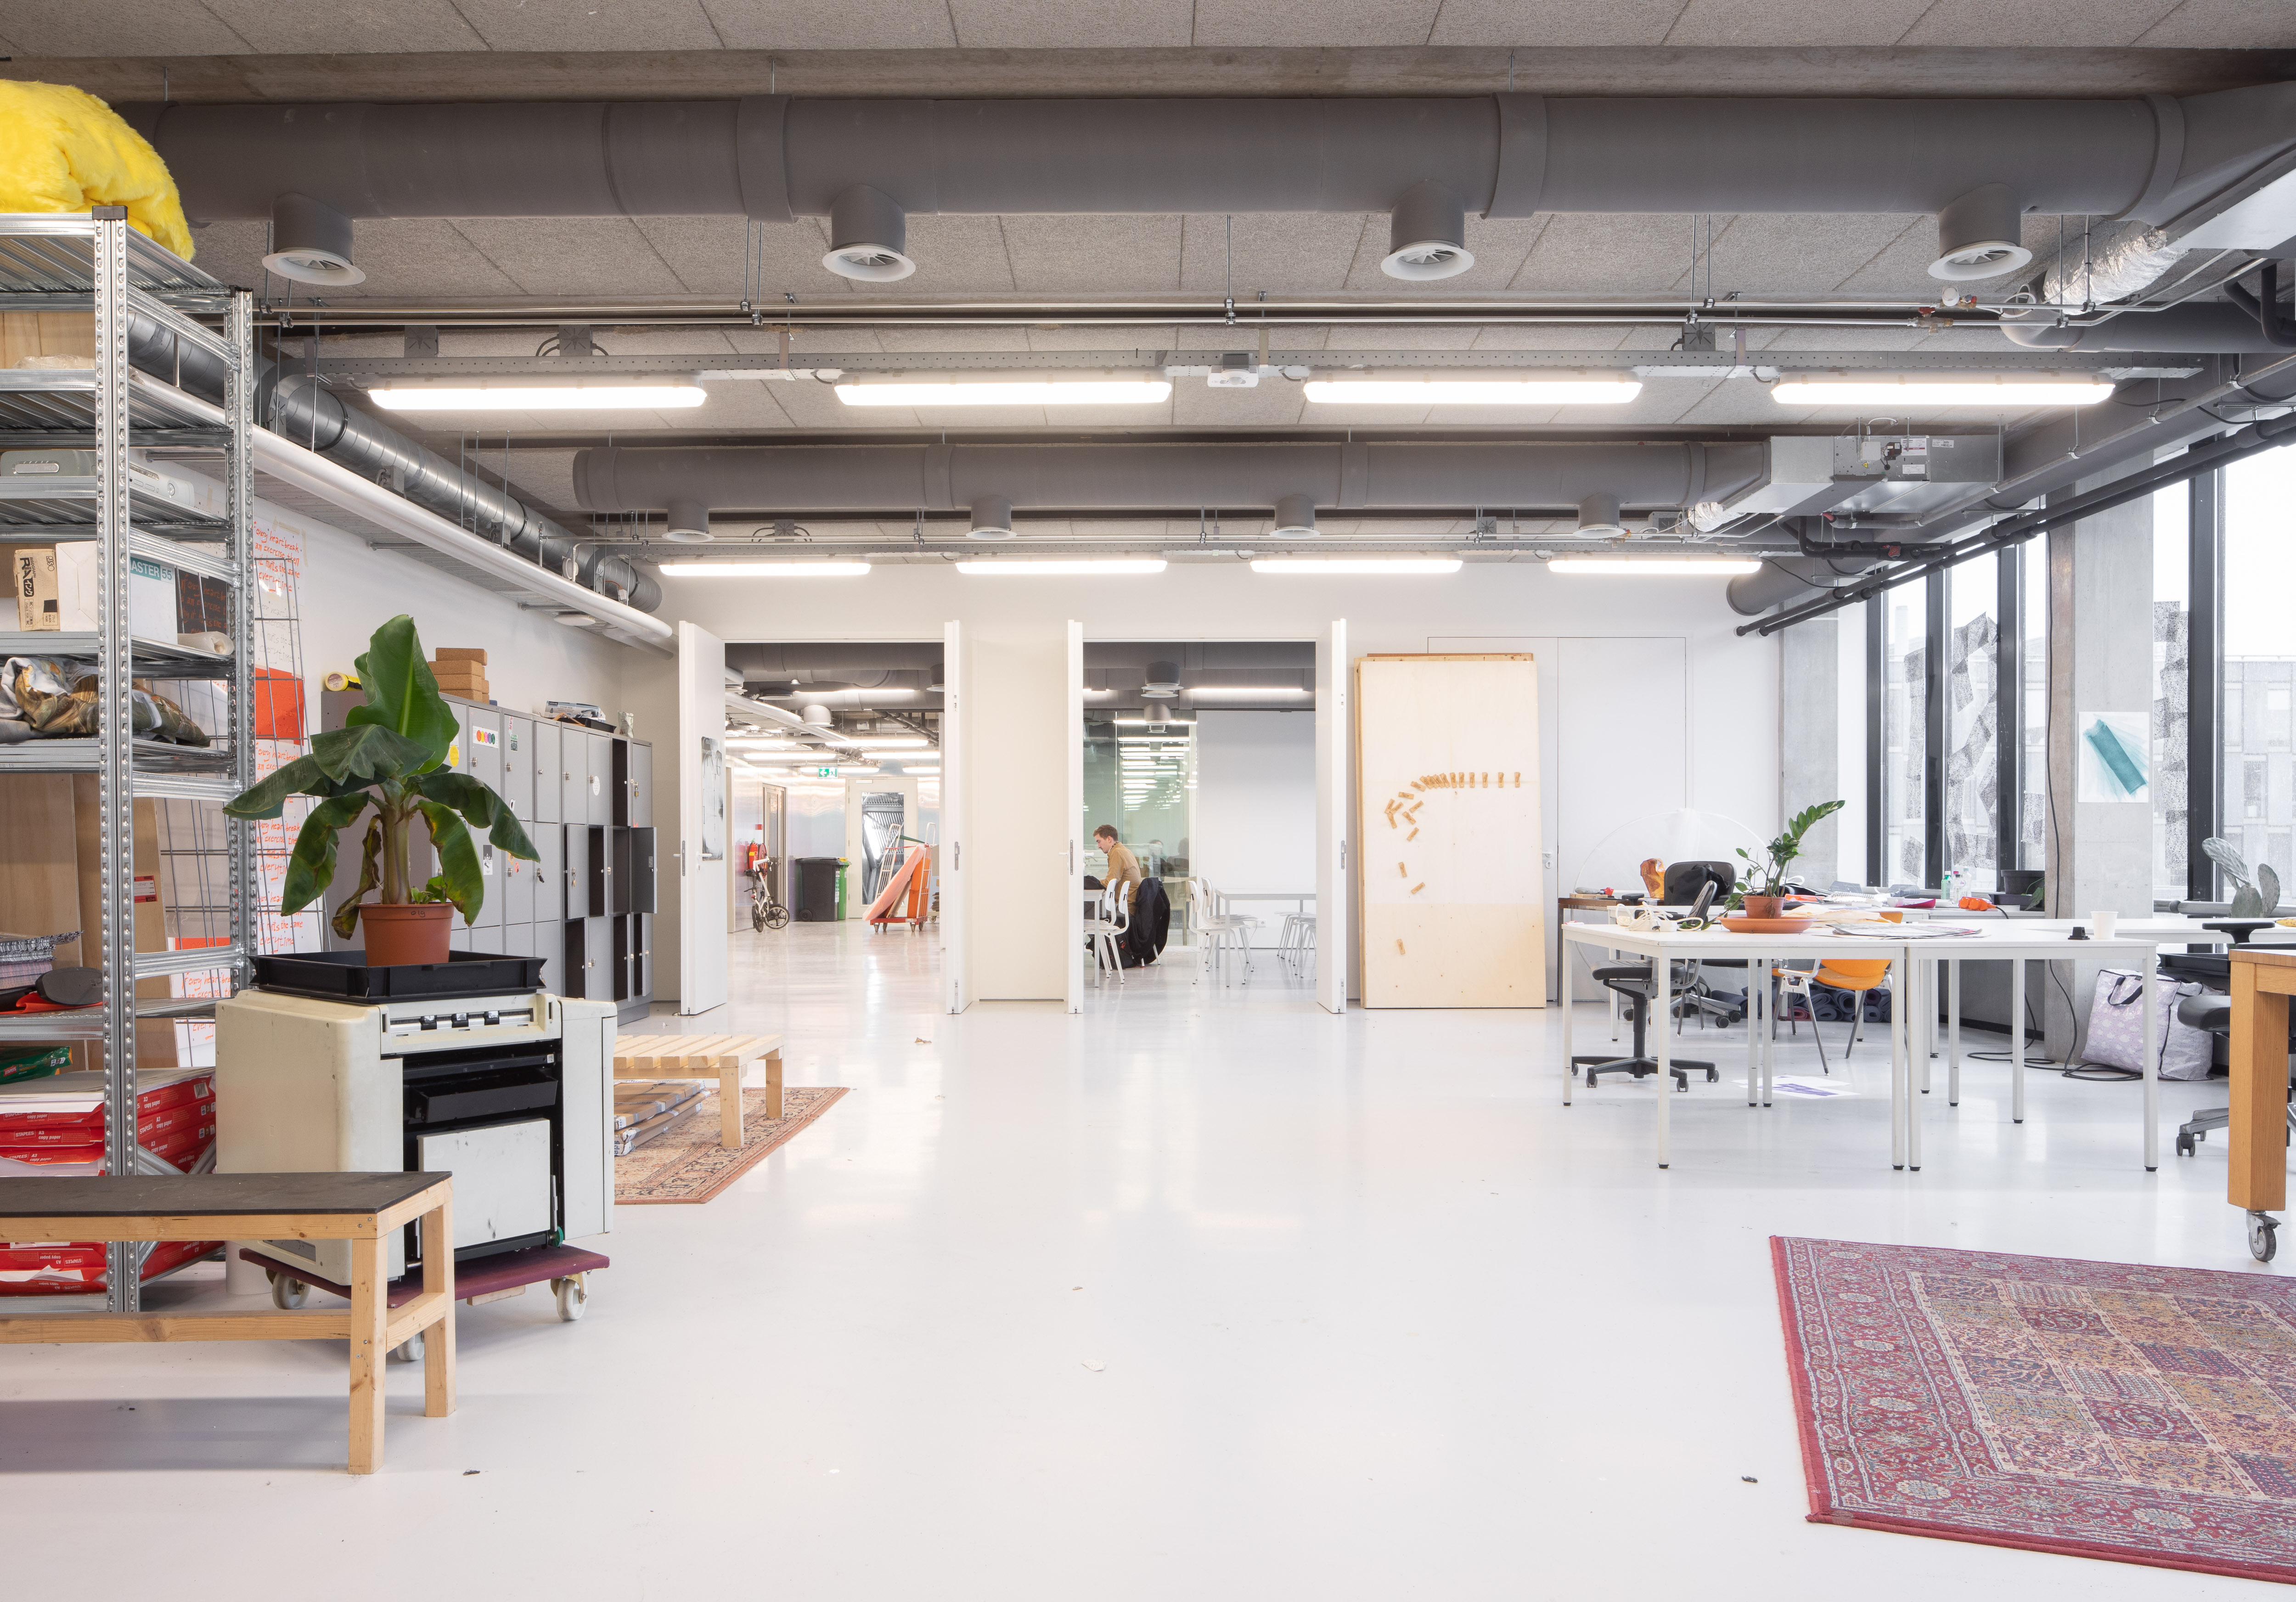 <p>Interieur Sandberg Instituut in Amsterdam door Studio Anne Dessing. Beeld Jeroen Verrecht</p>